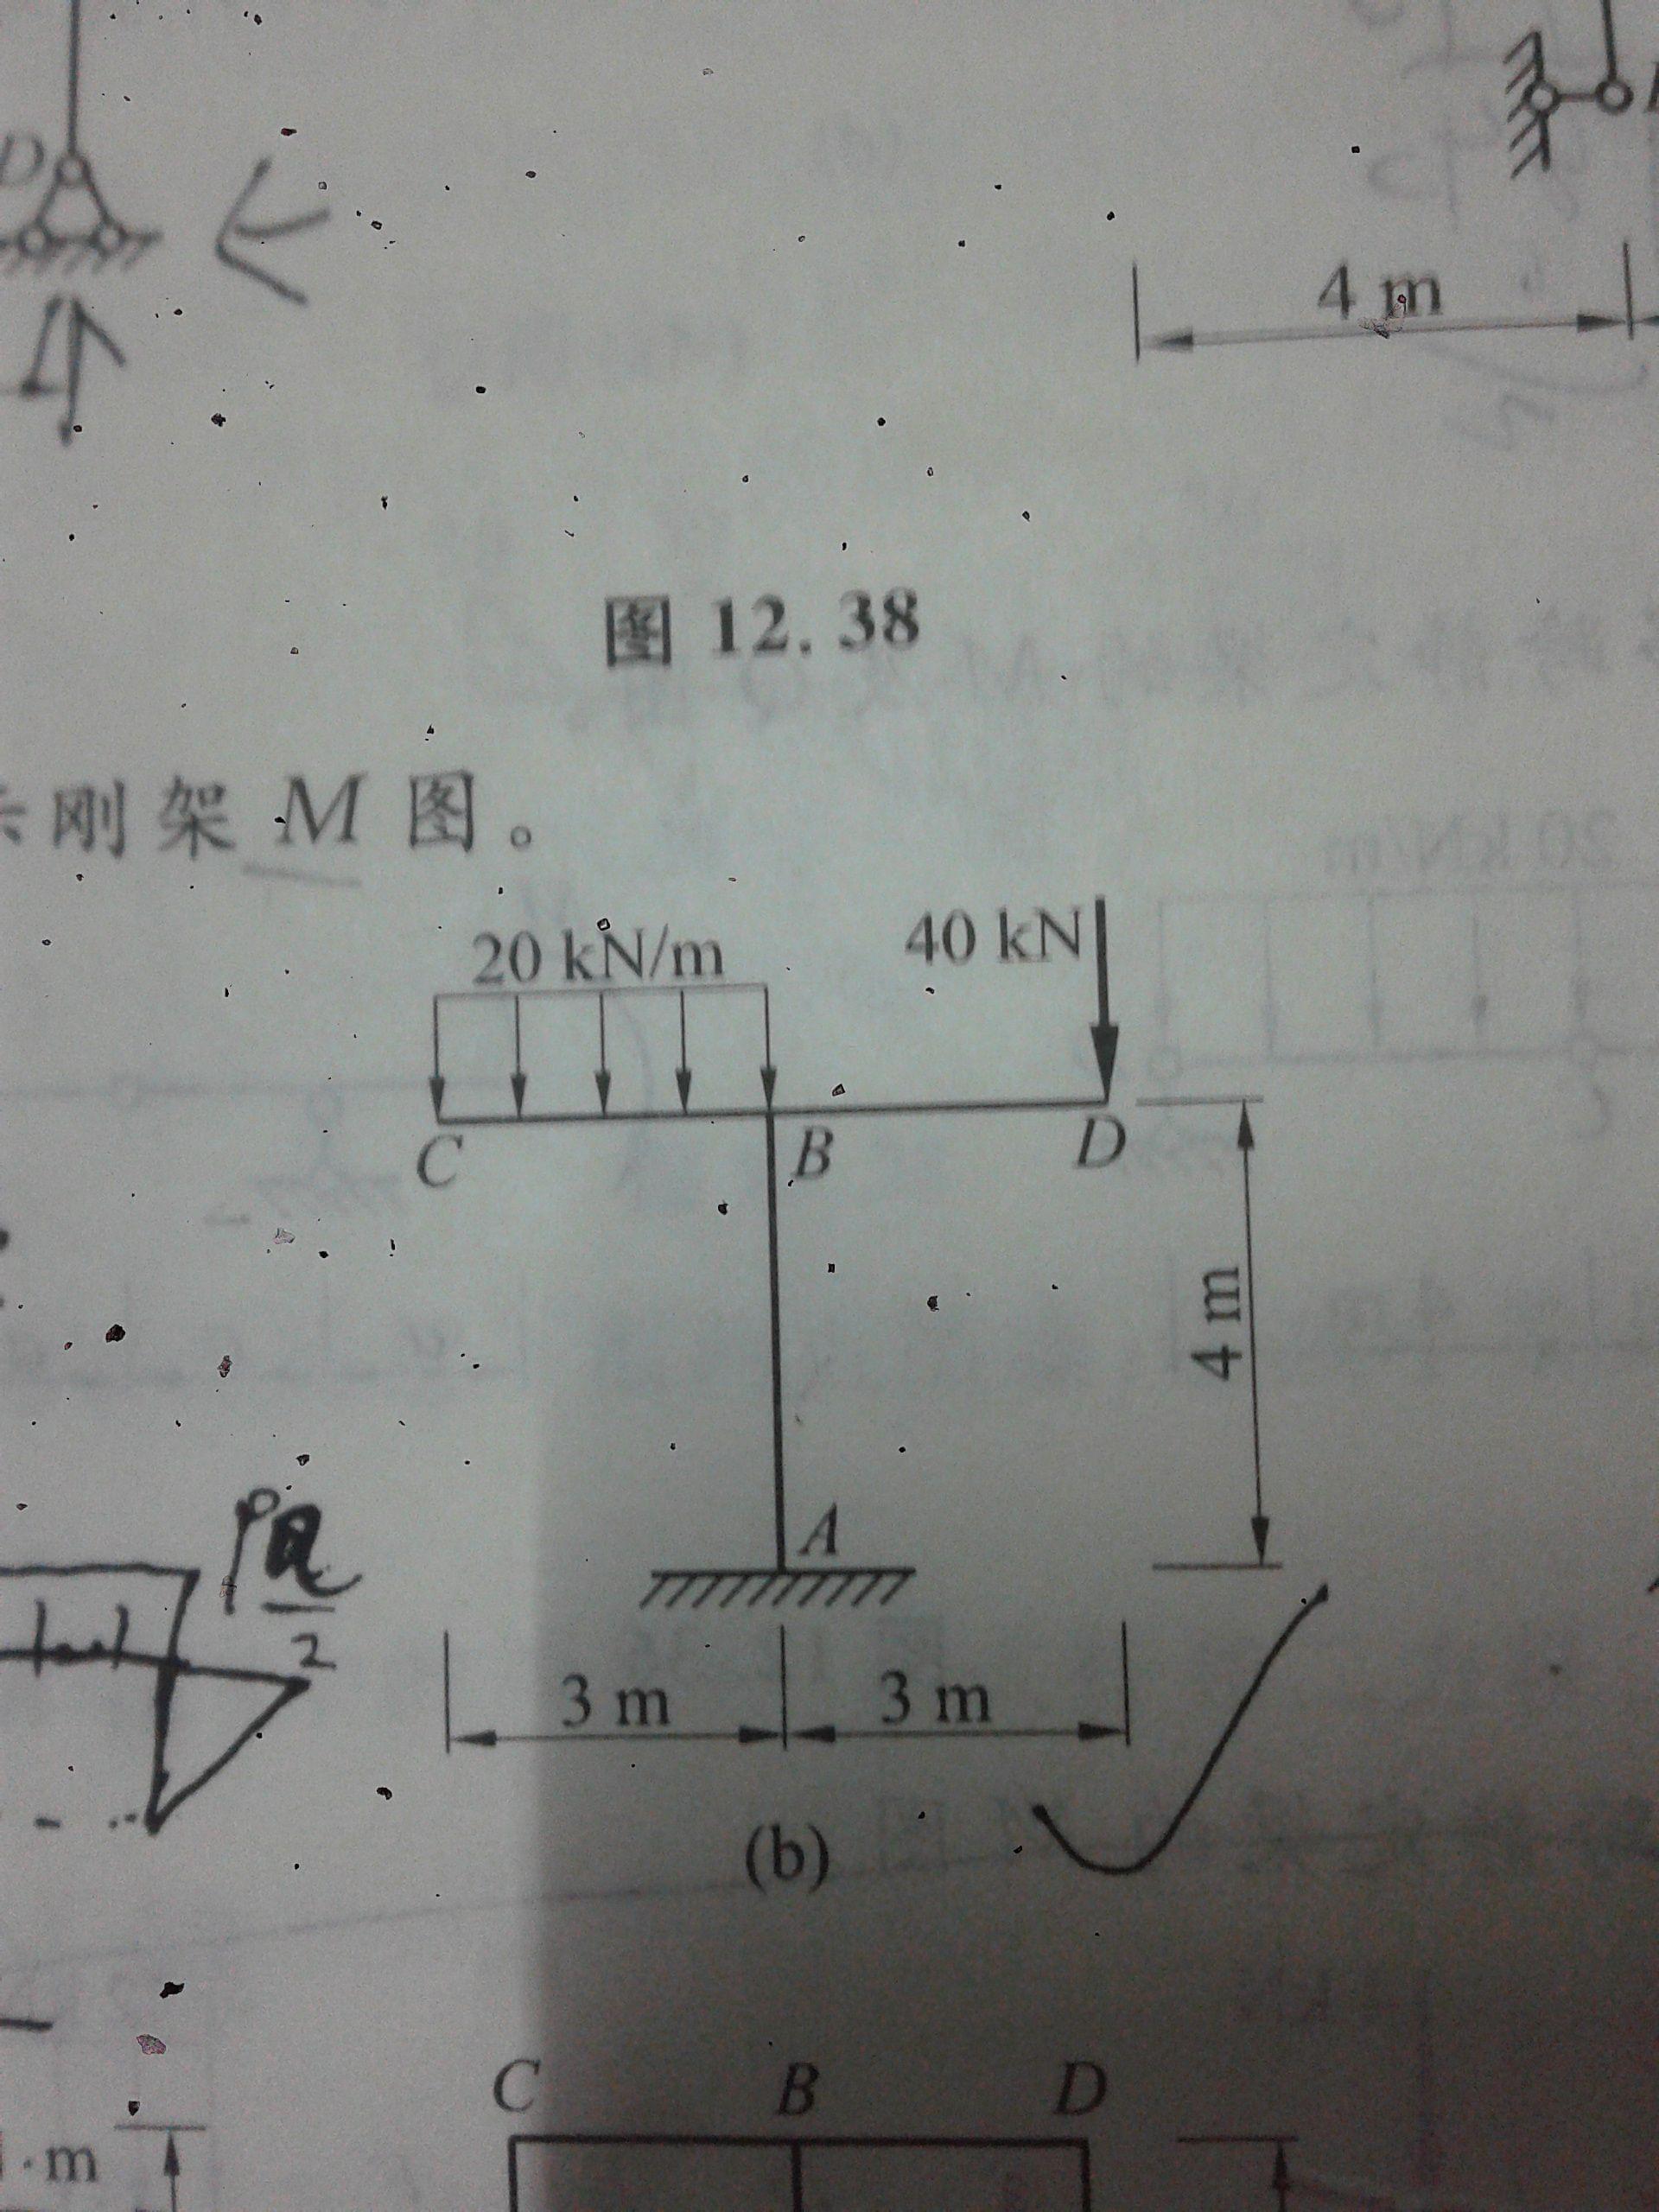 10 我有更好的答案 静定结构,可直接求解; 左悬臂梁:c点弯矩为0,b点